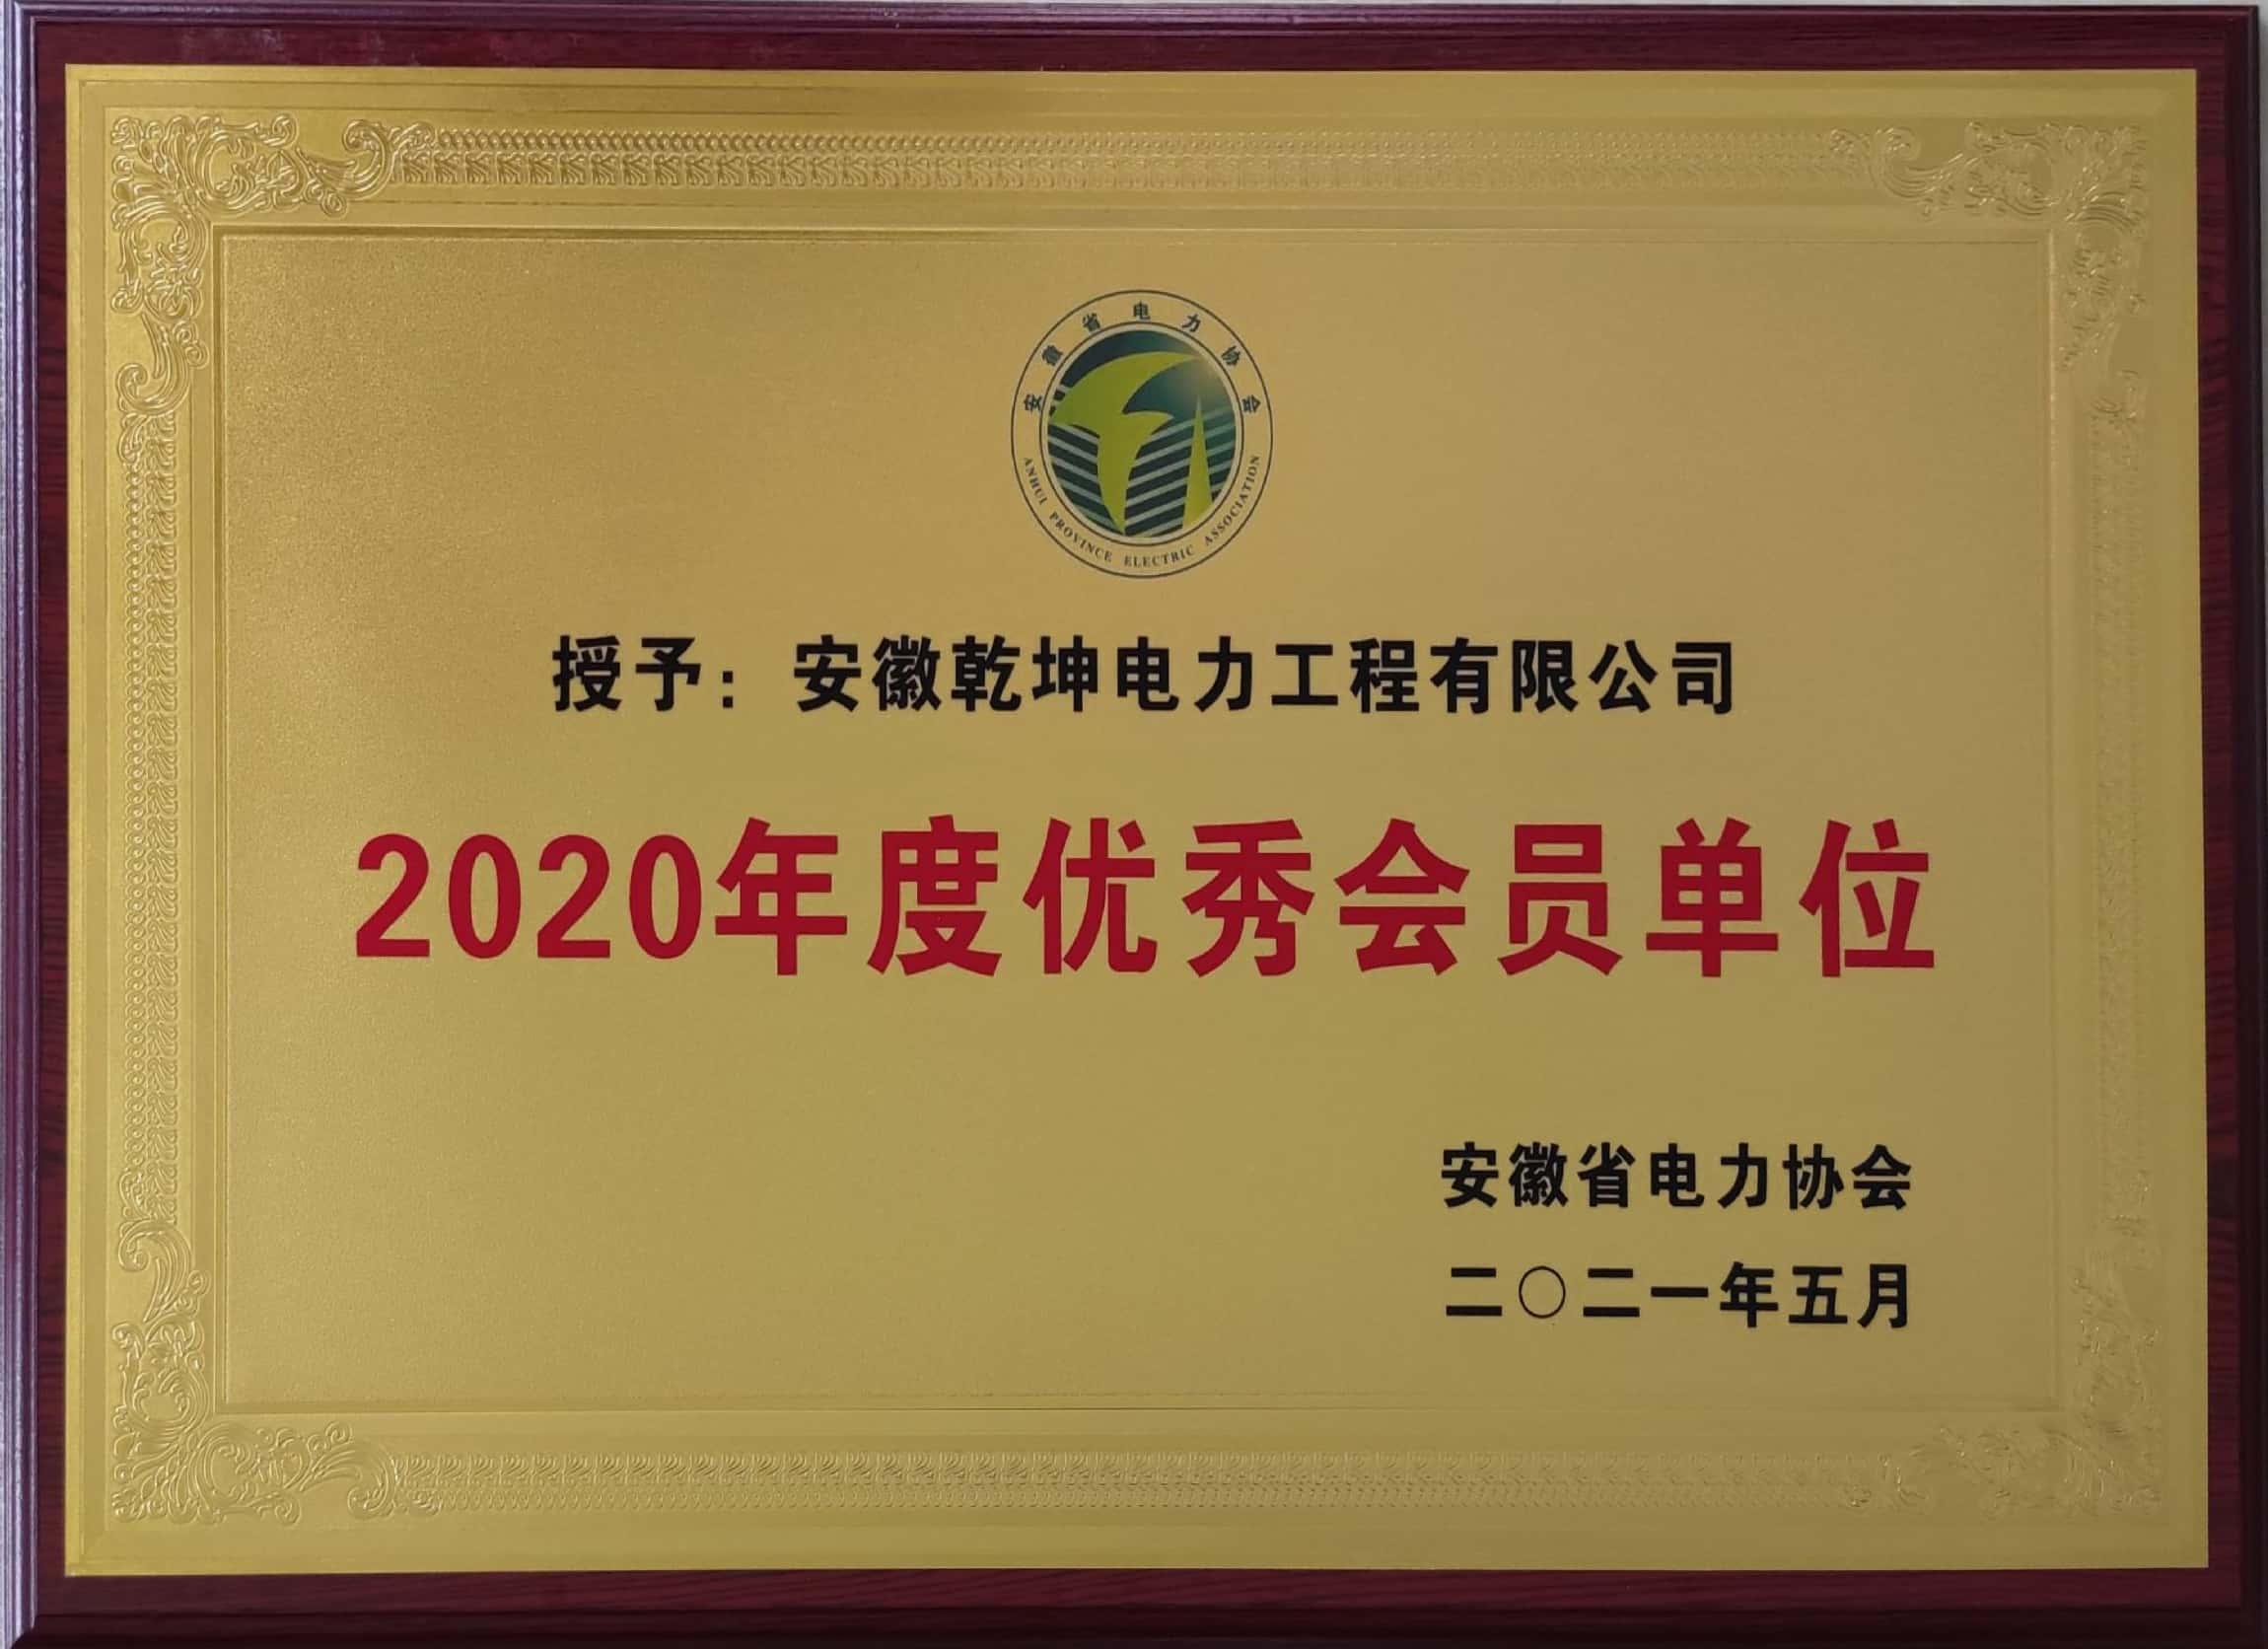 2020年度优秀会员单位